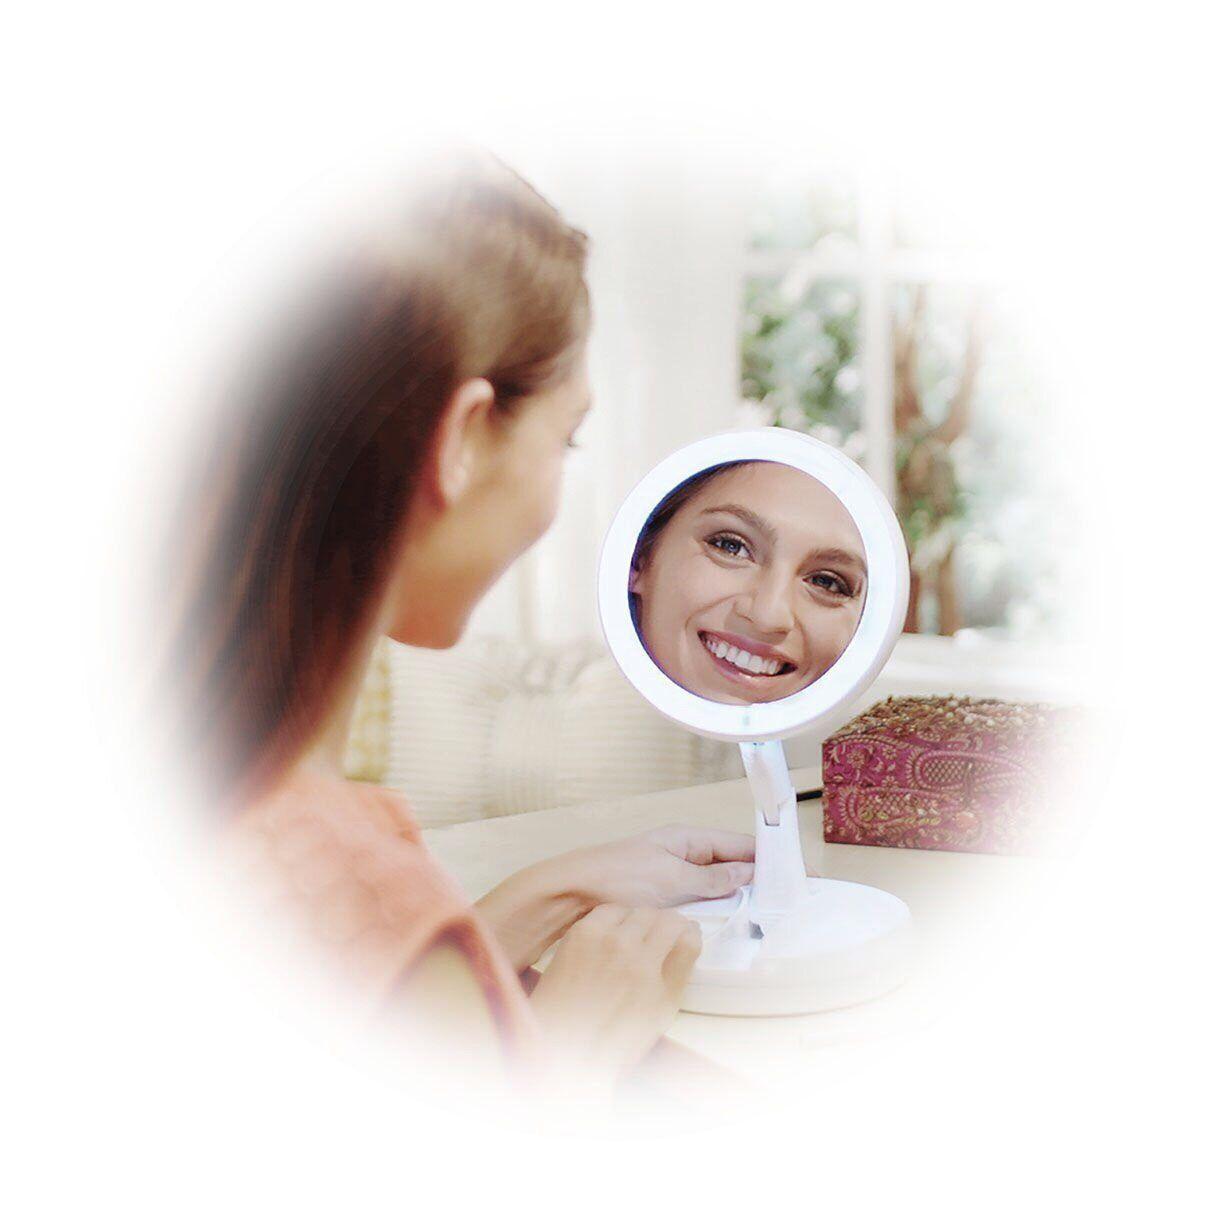 倩姿LED補光摺疊煥彩鏡 折疊隨身化妝鏡 隨身鏡LED 化妝鏡補光鏡 LED燈鏡 補光鏡 折疊鏡 鏡子